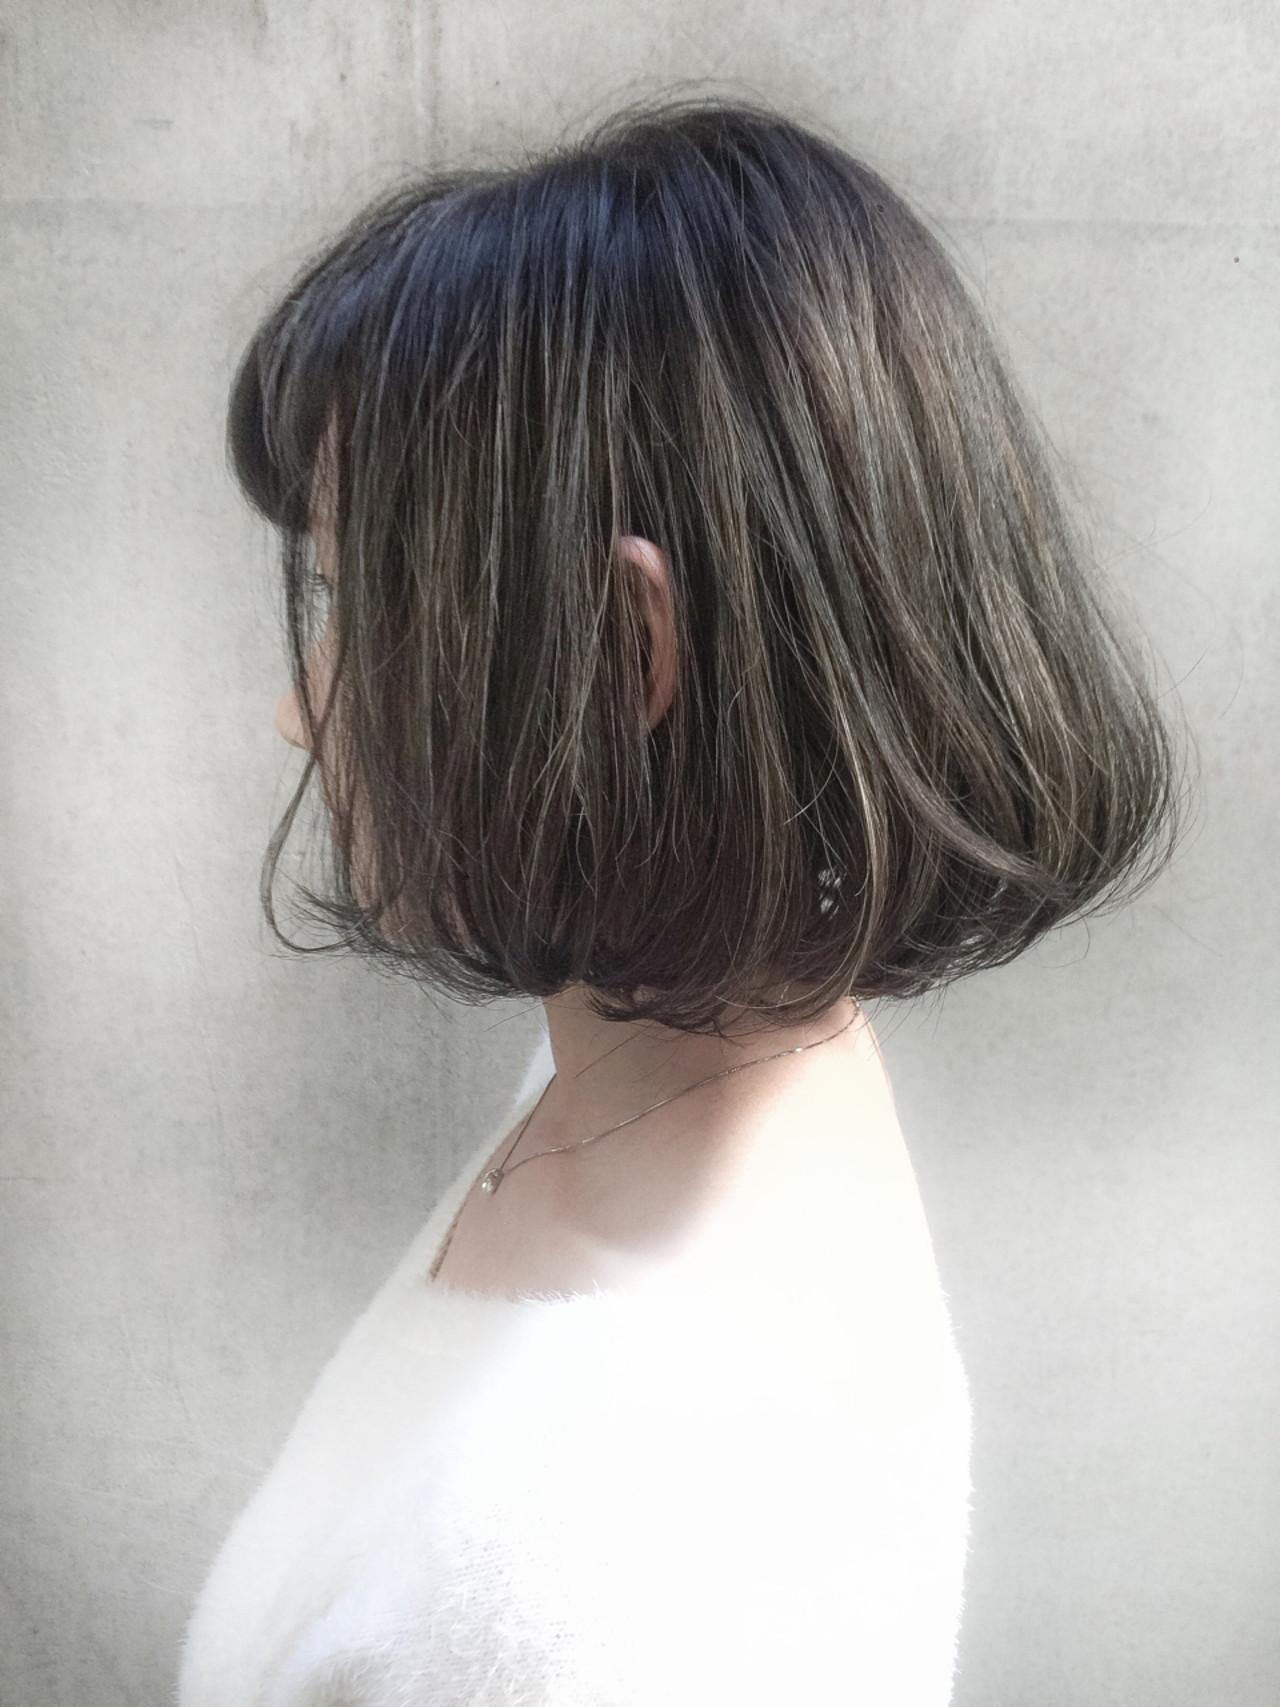 ストリート ボブ ハイライト 黒髪 ヘアスタイルや髪型の写真・画像 | スガ シュンスケ / Tierra (ティエラ)